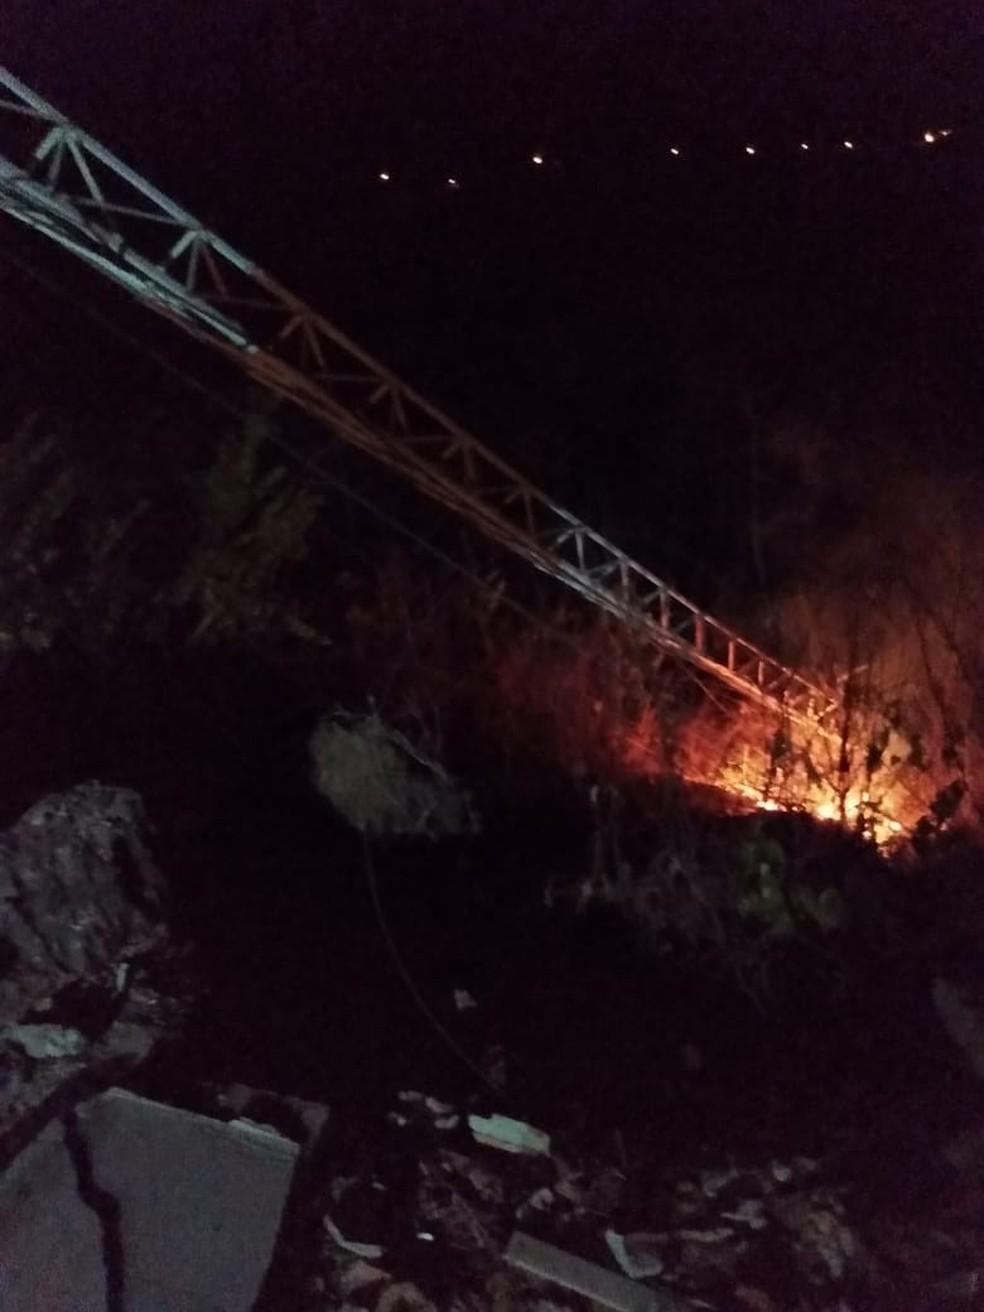 Equipamento foi incendiado e diretor de radio acredita que caso tenha motivações politicas no Ceará. — Foto: Arquivo Pessoal